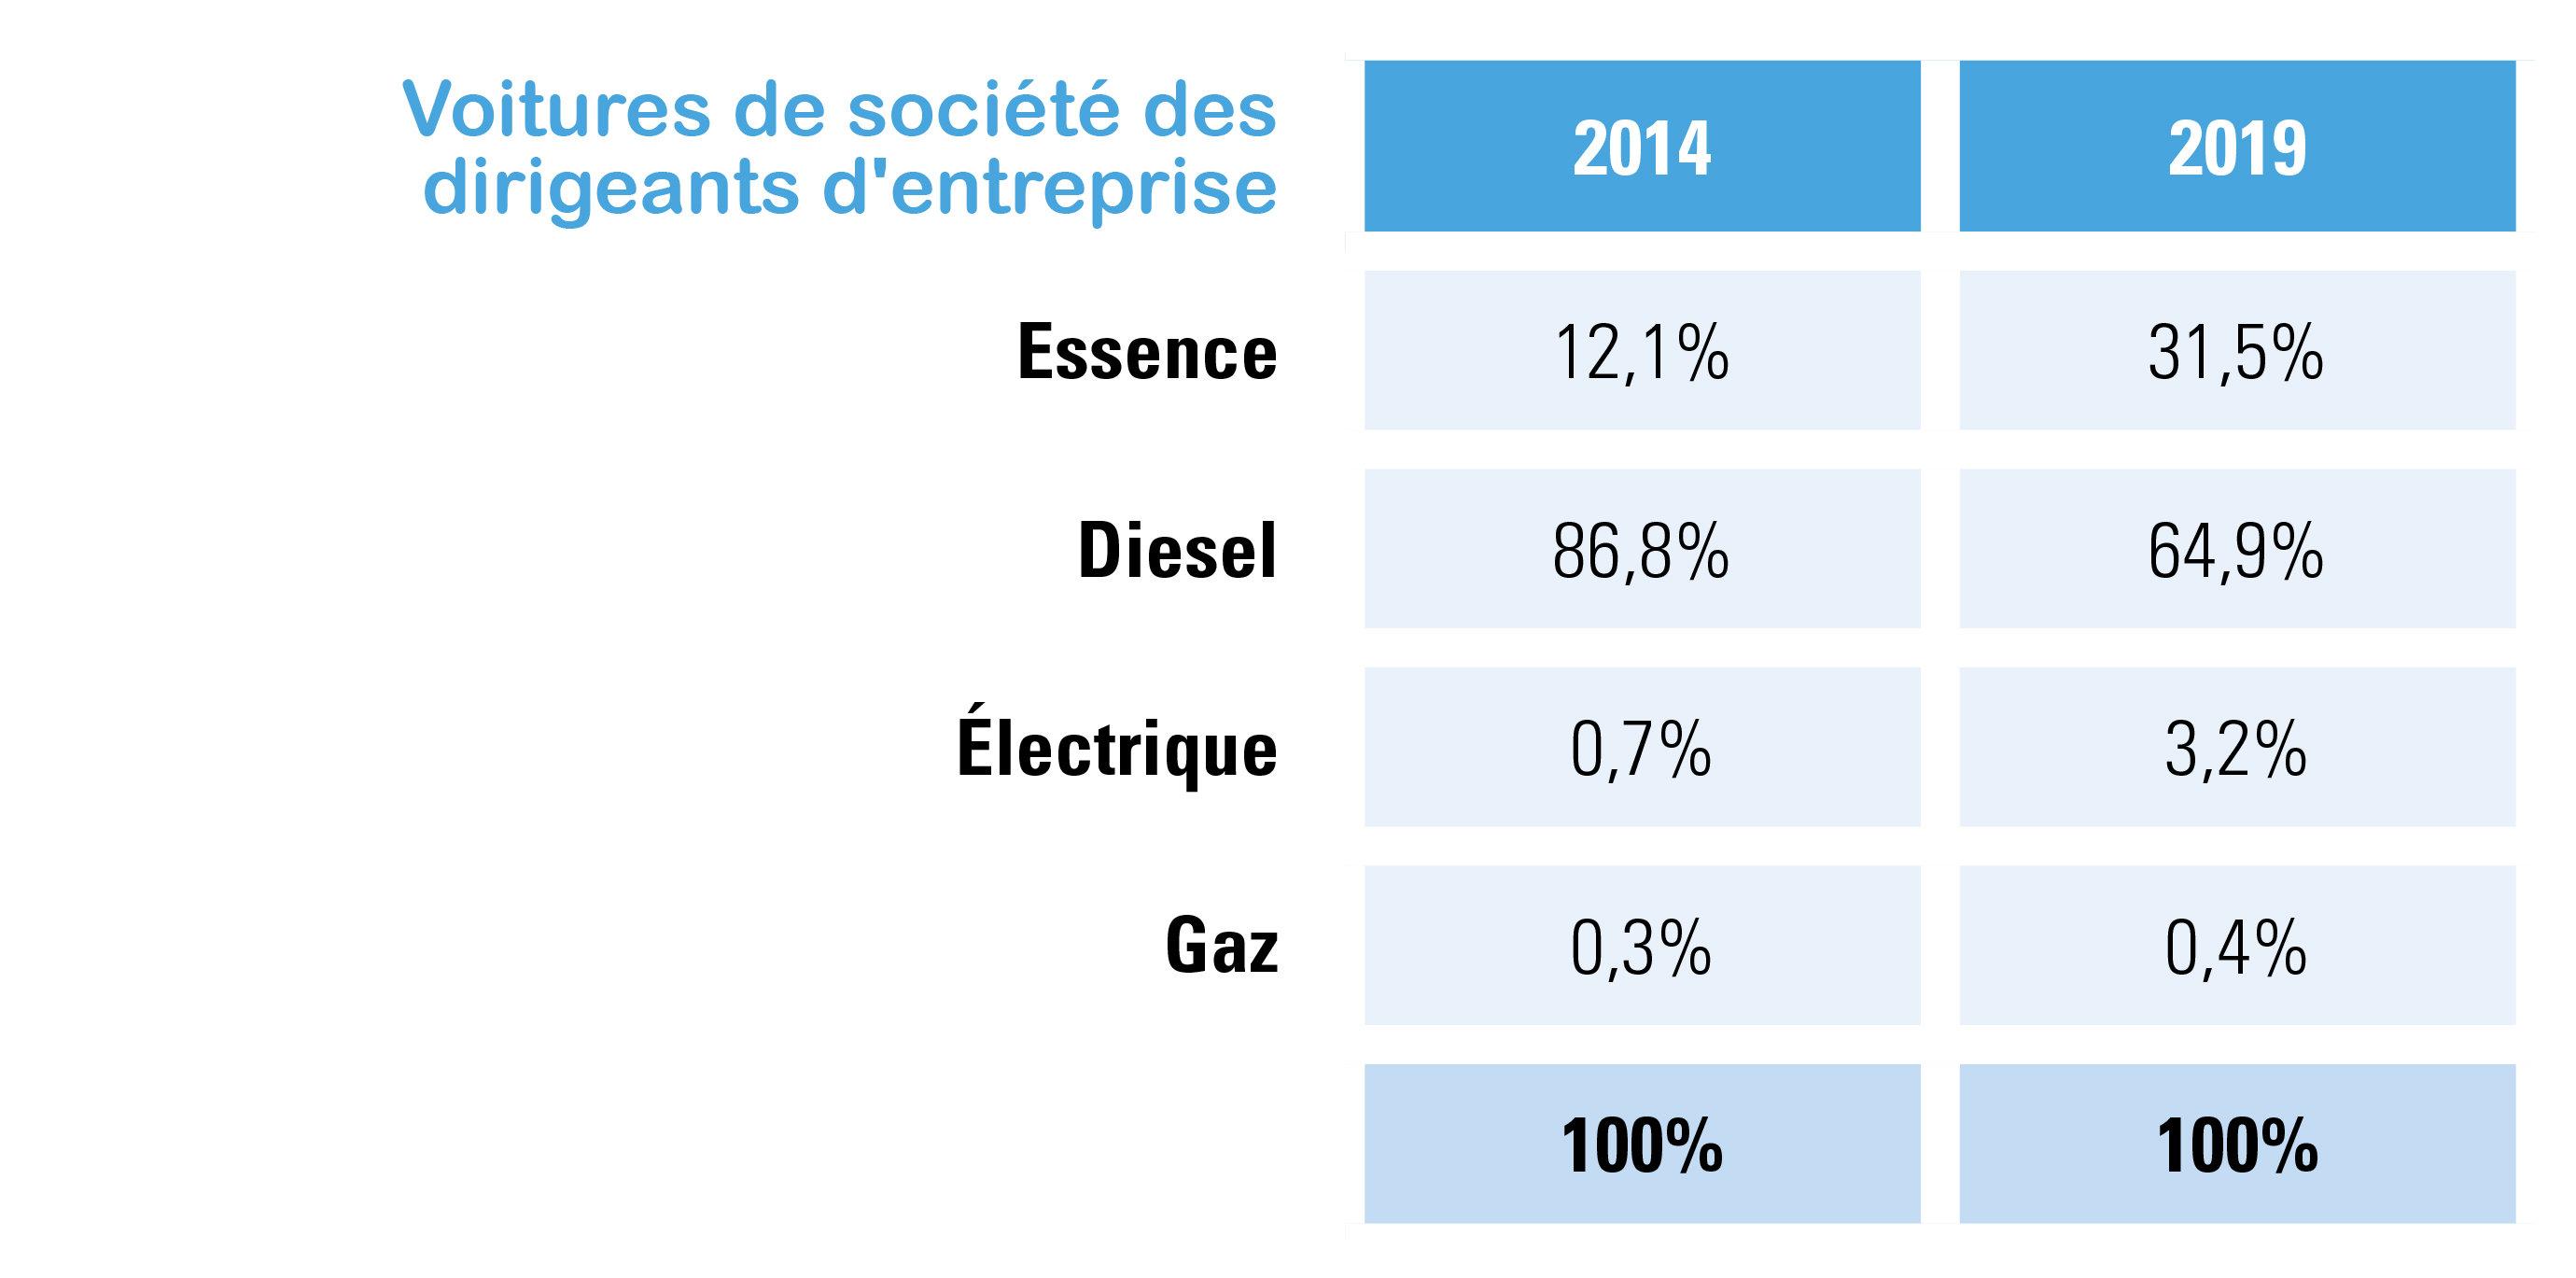 Voitures de société des dirigeants d'entreprise, part selon le carburant